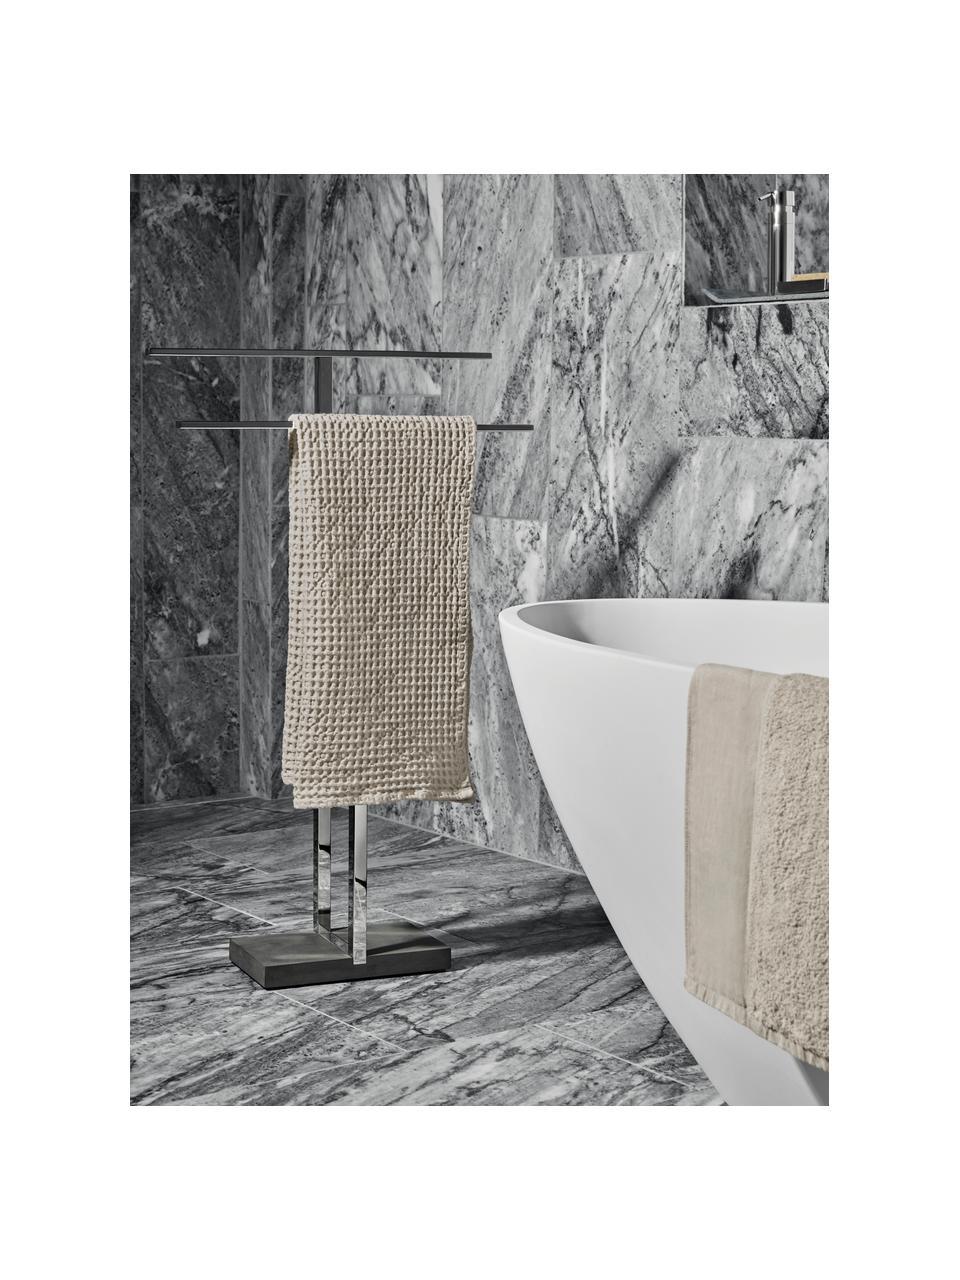 Handtuchhalter Menoto aus Metall, Halter: Rostfreier Stahl, Sockel: Kunststein, Schwarz, Silberfarben, glänzend, 50 x 86 cm